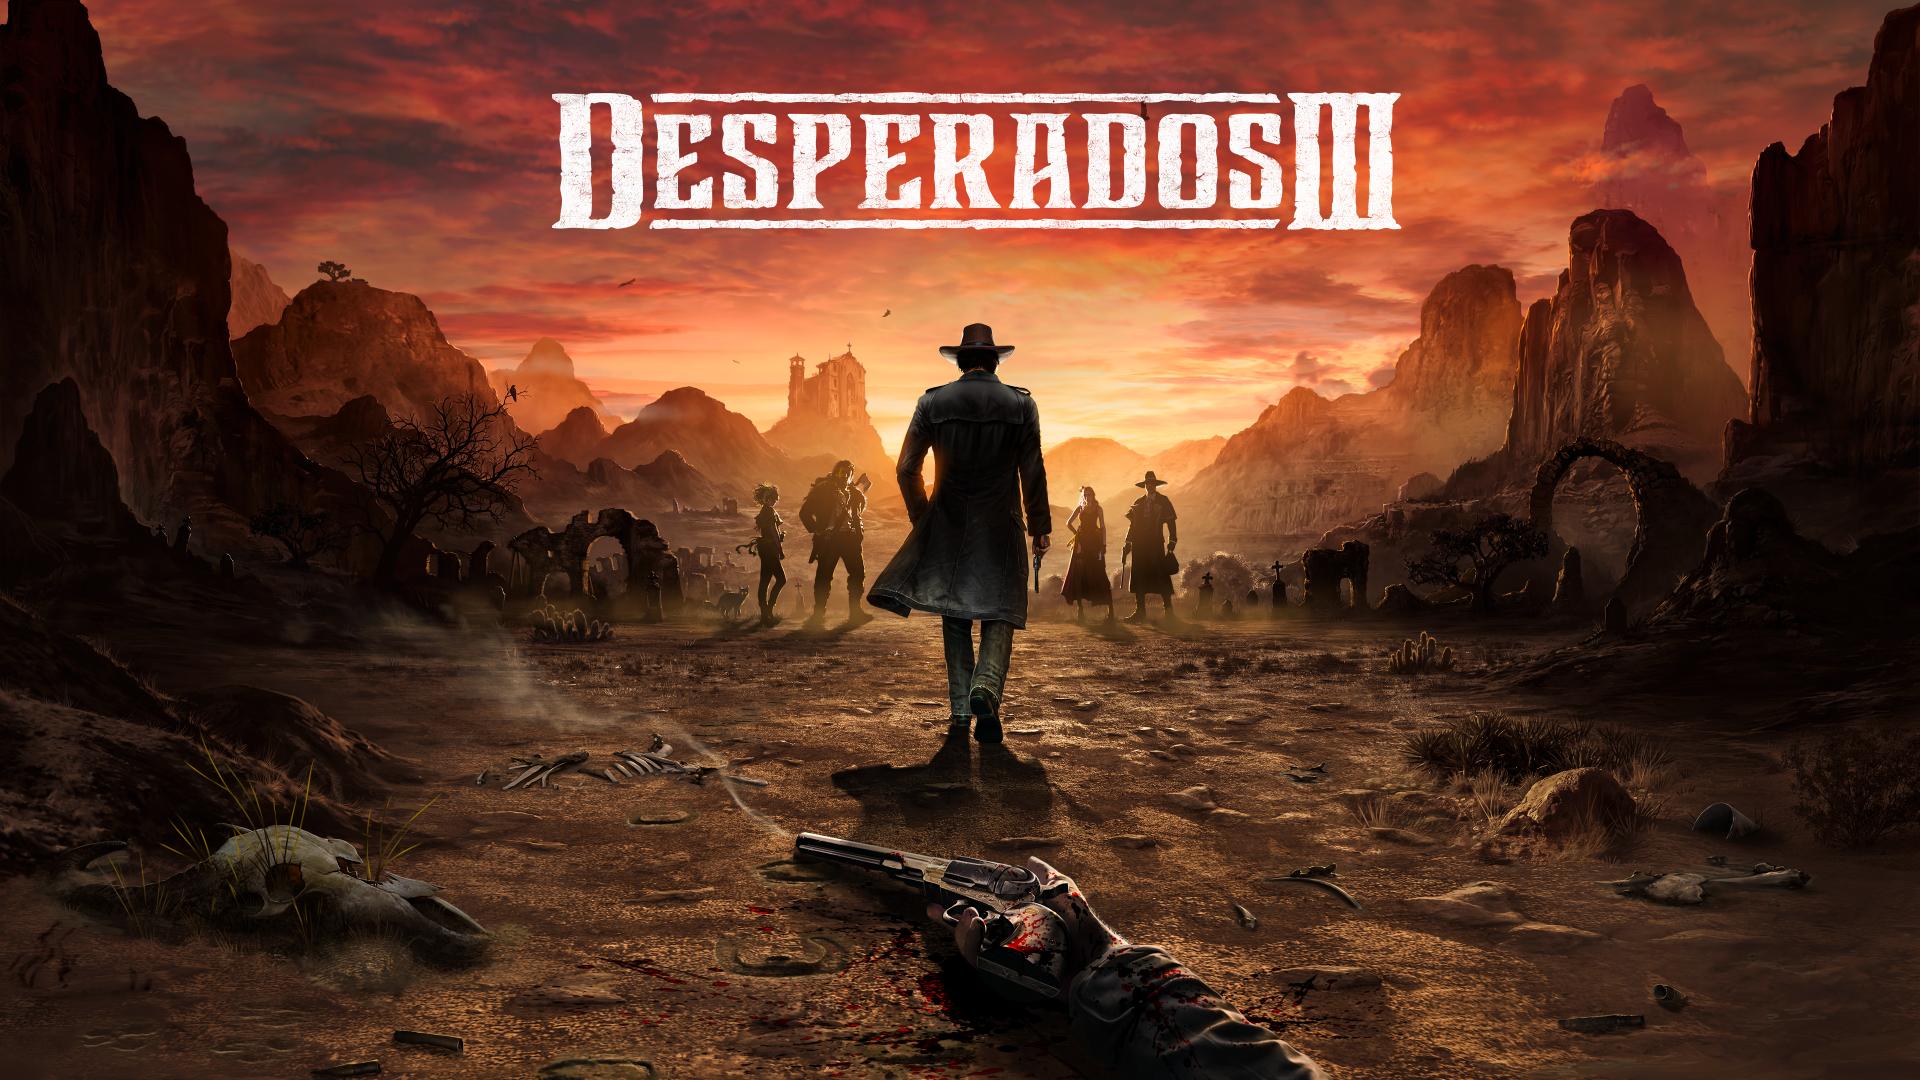 Desperados III game teaser